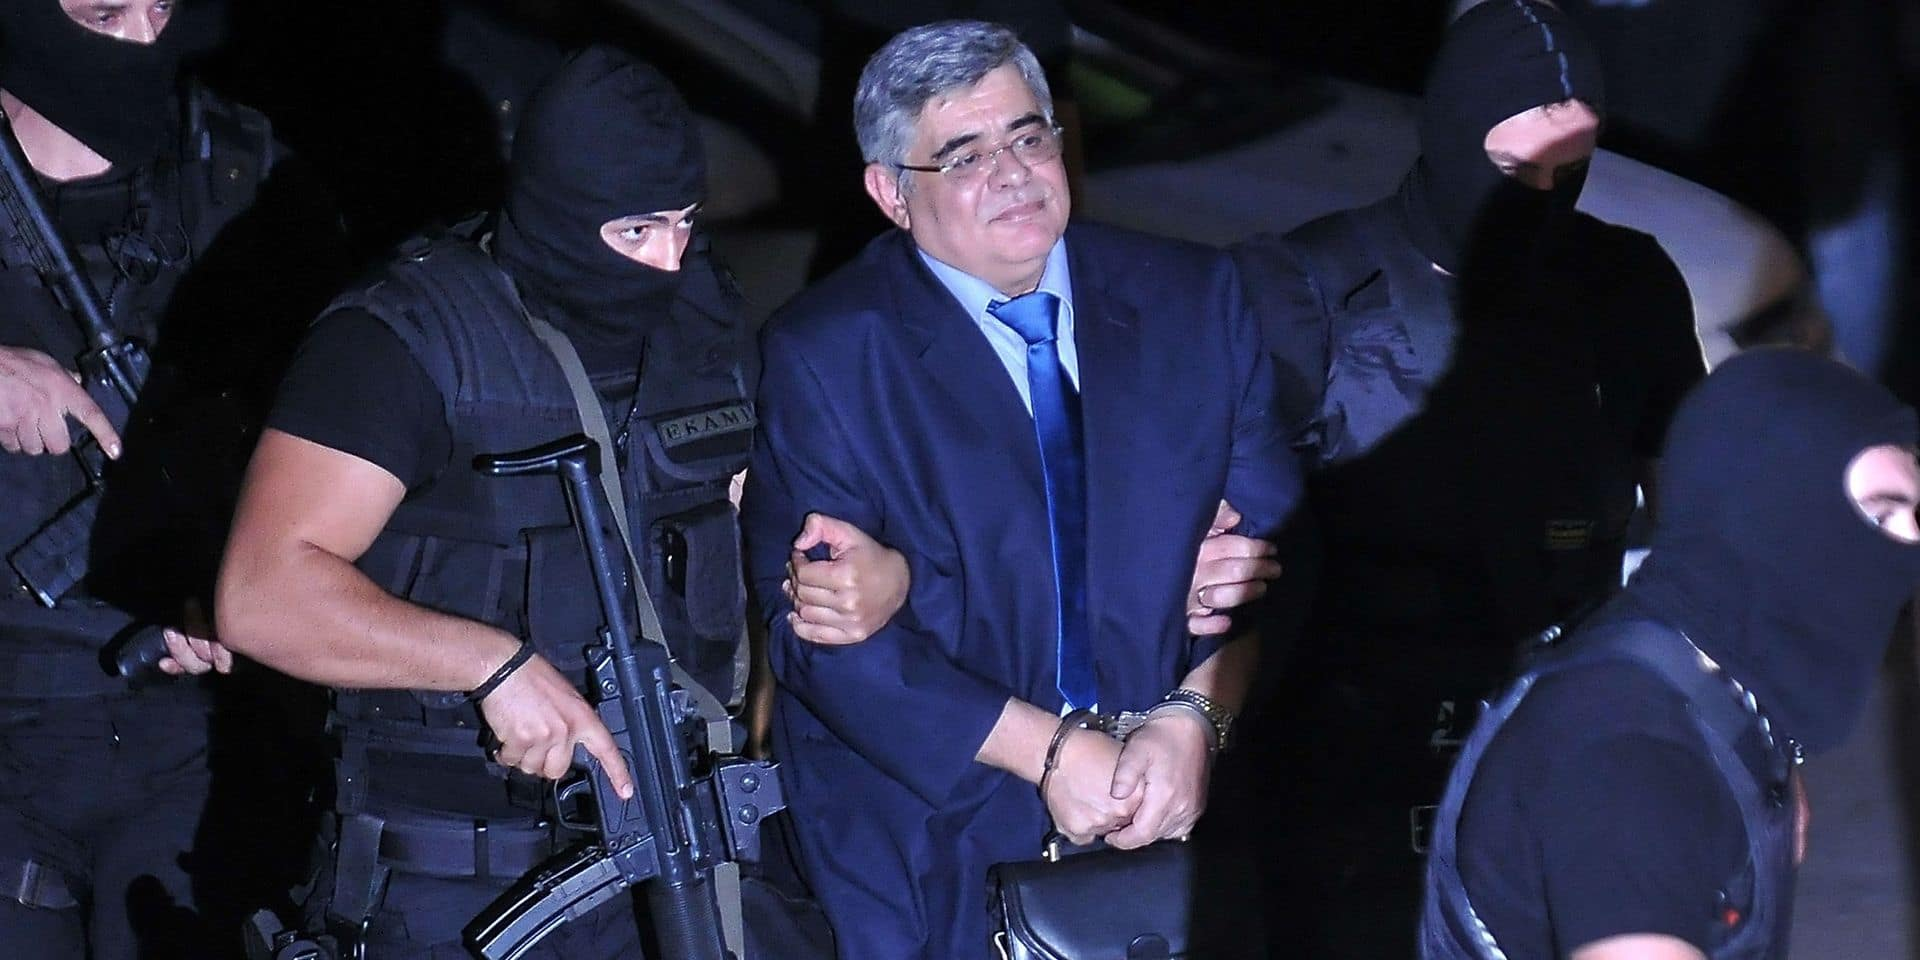 La cour pénale d'Athènes ordonne l'emprisonnement du chef du parti néonazi Aube dorée